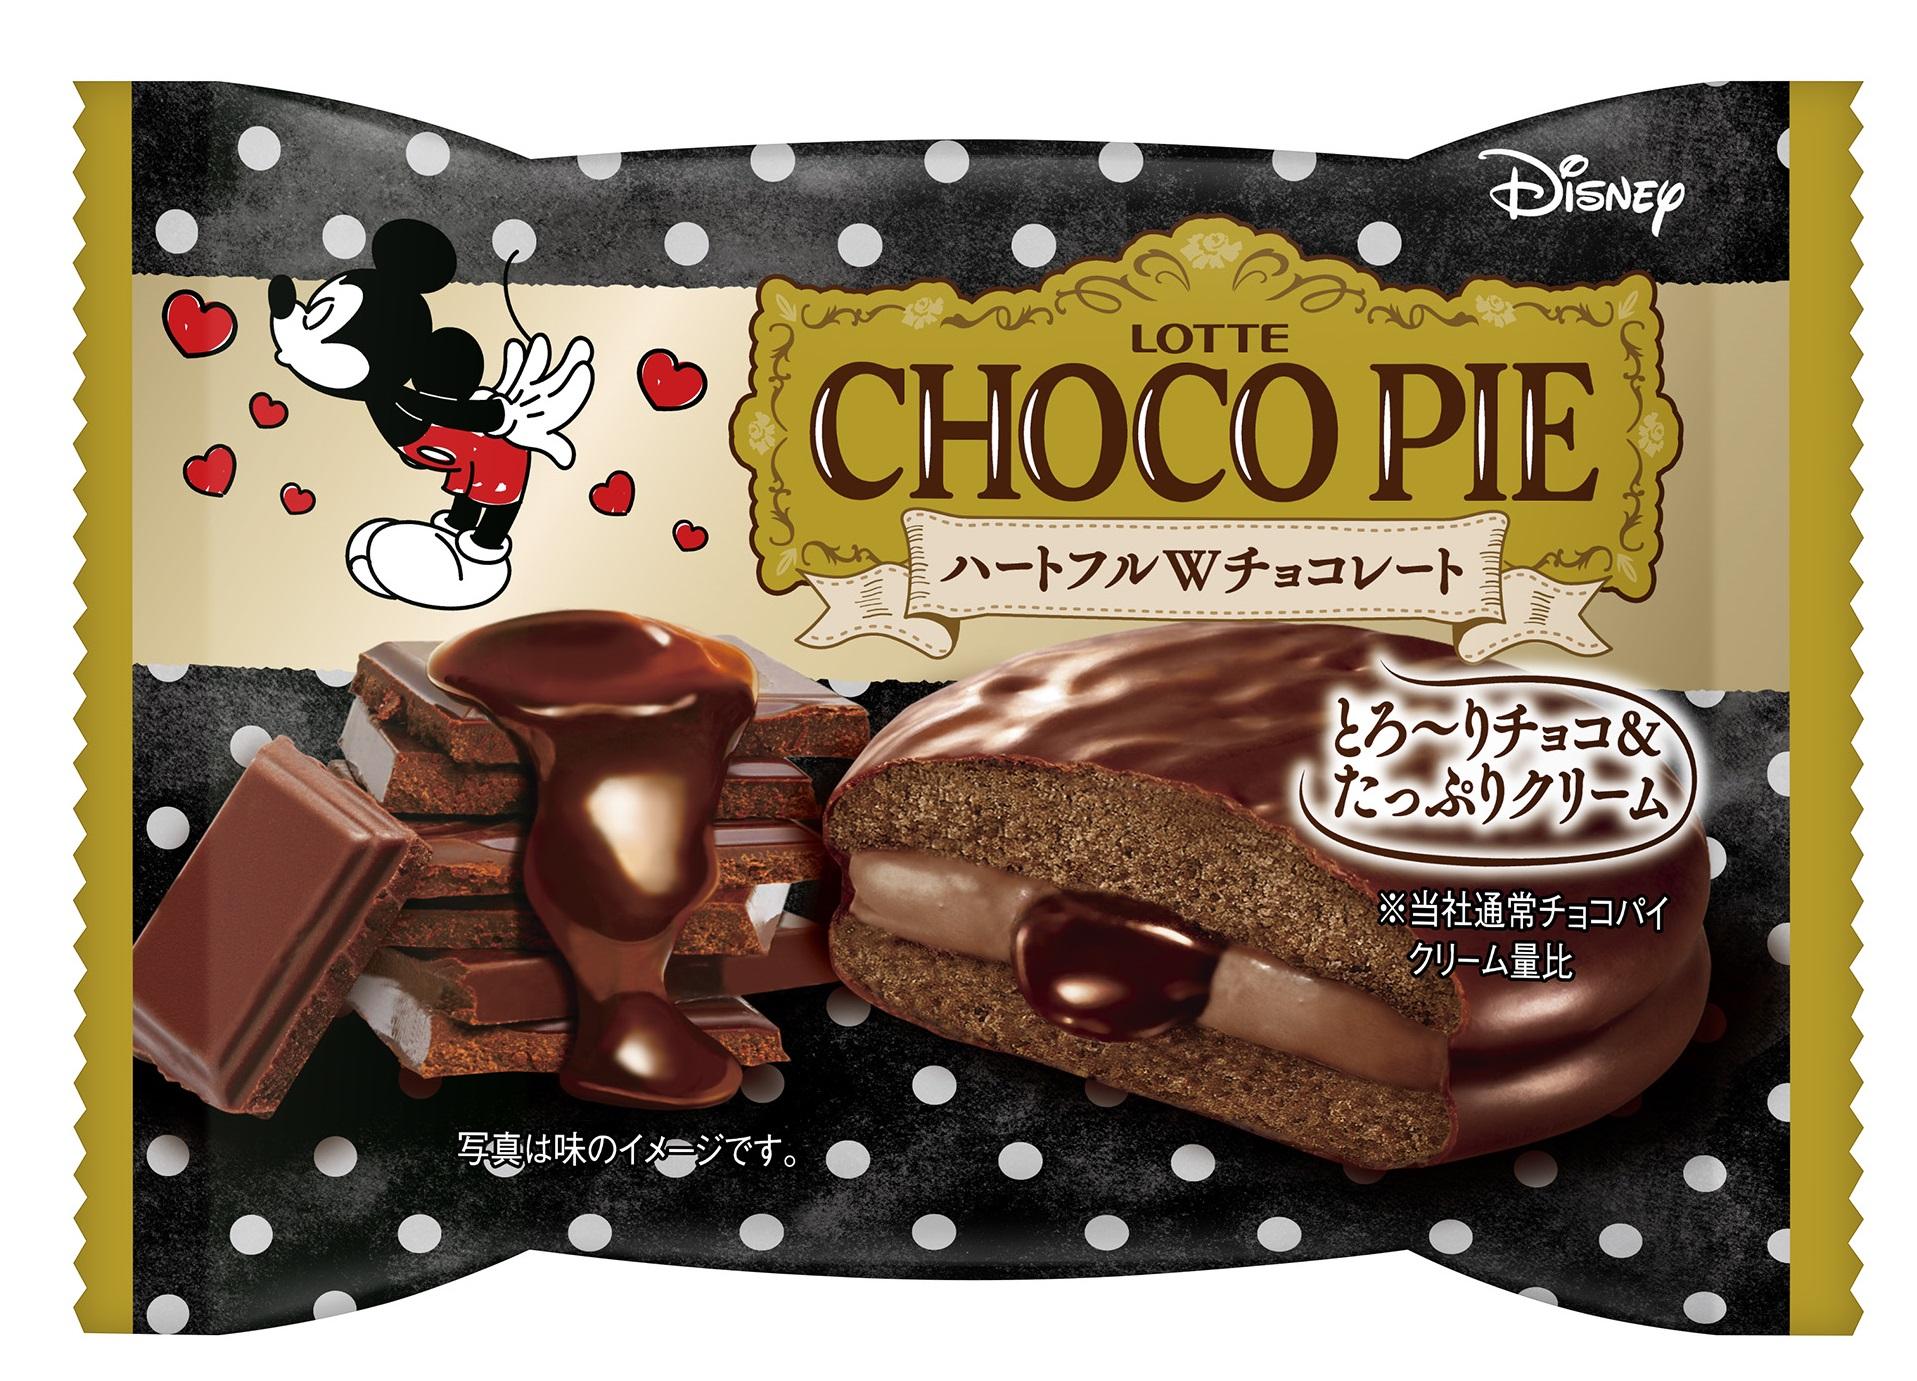 ミッキー&ミニーのパッケージ「チョコパイ」登場!隠れミッキー探してね♪